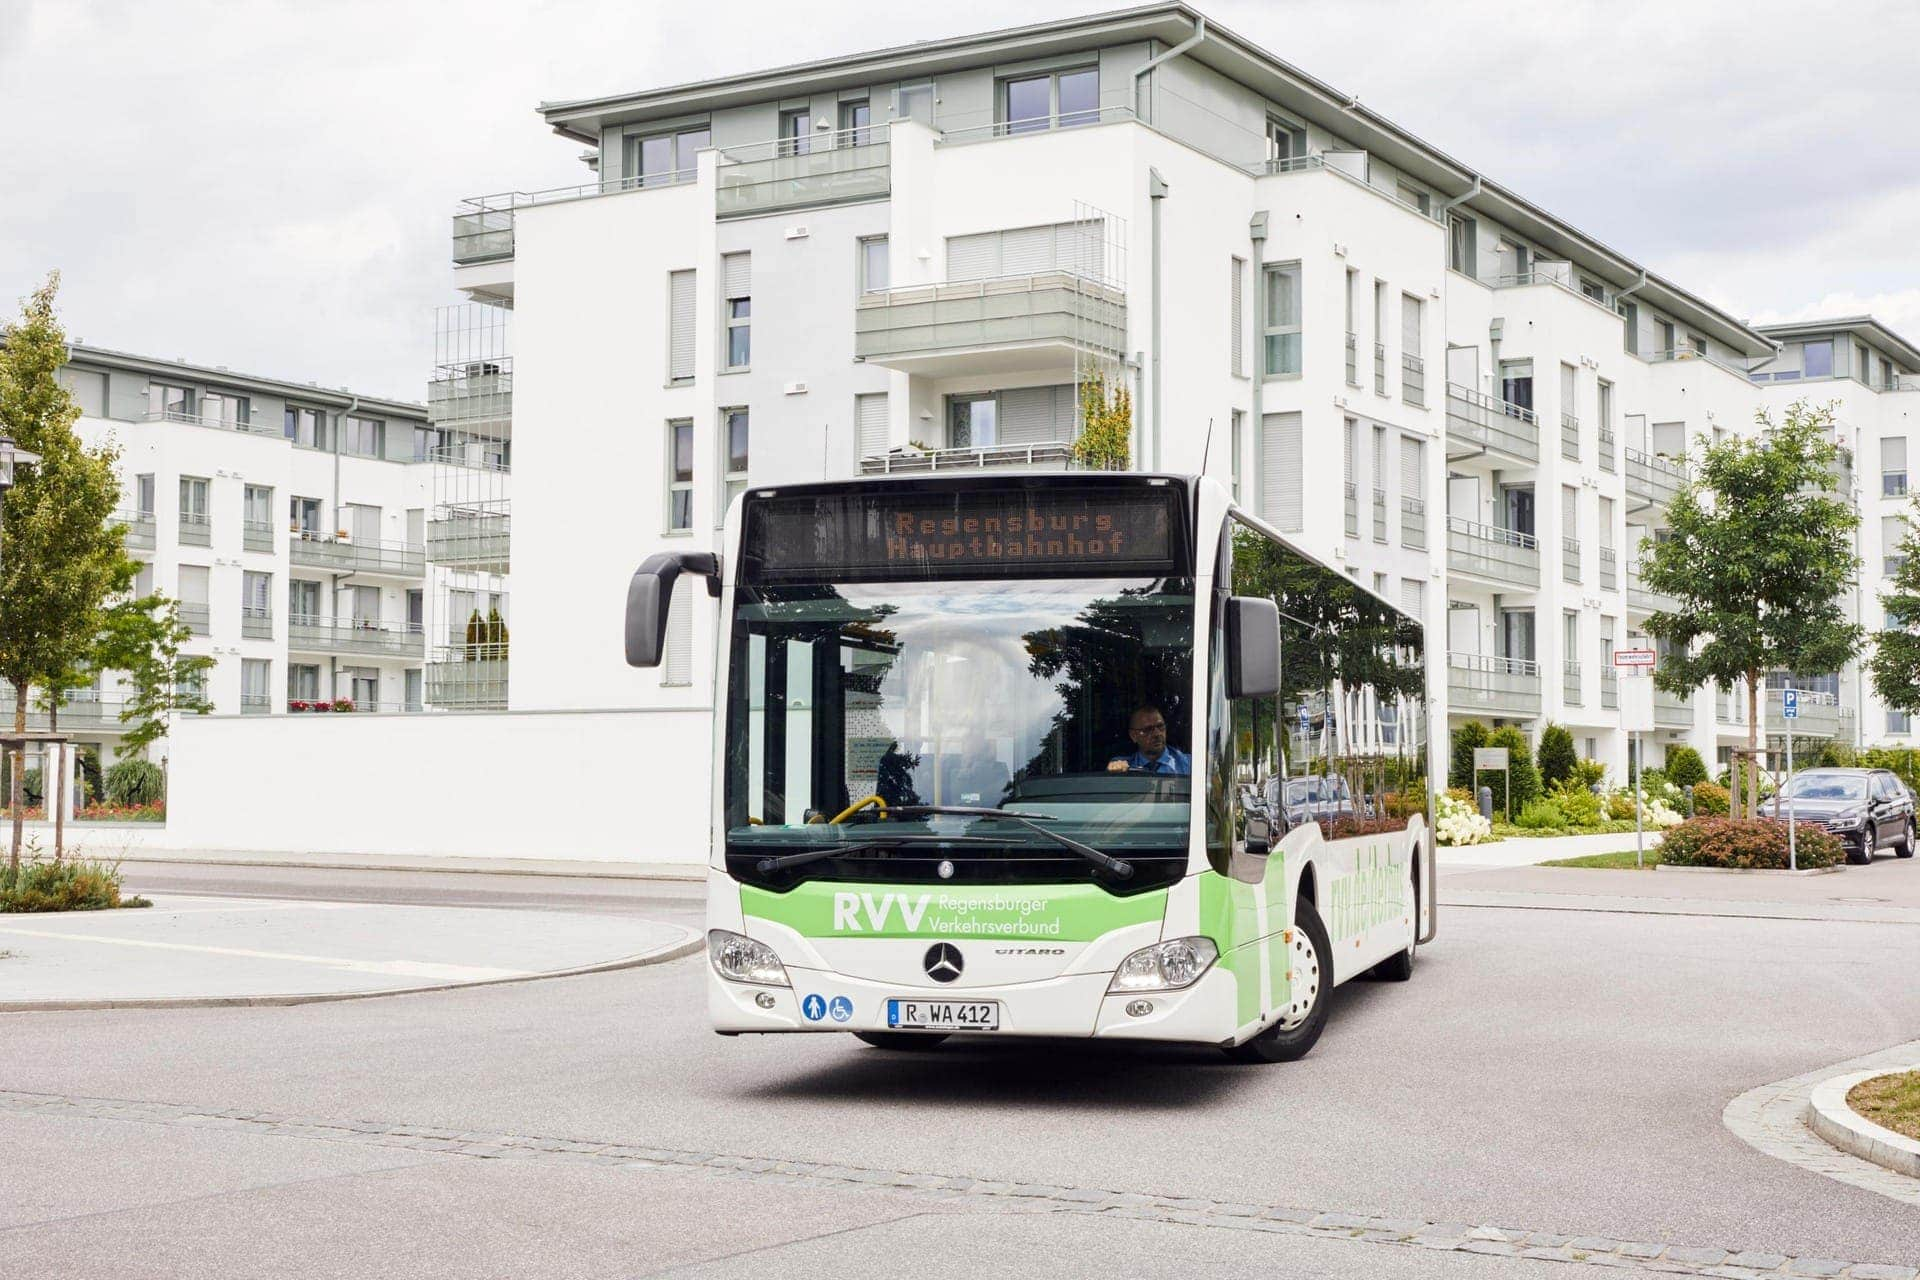 Ab 2020: Neue RVV-Tarife in Regensburg Höhere Tarife, mehr Angebote